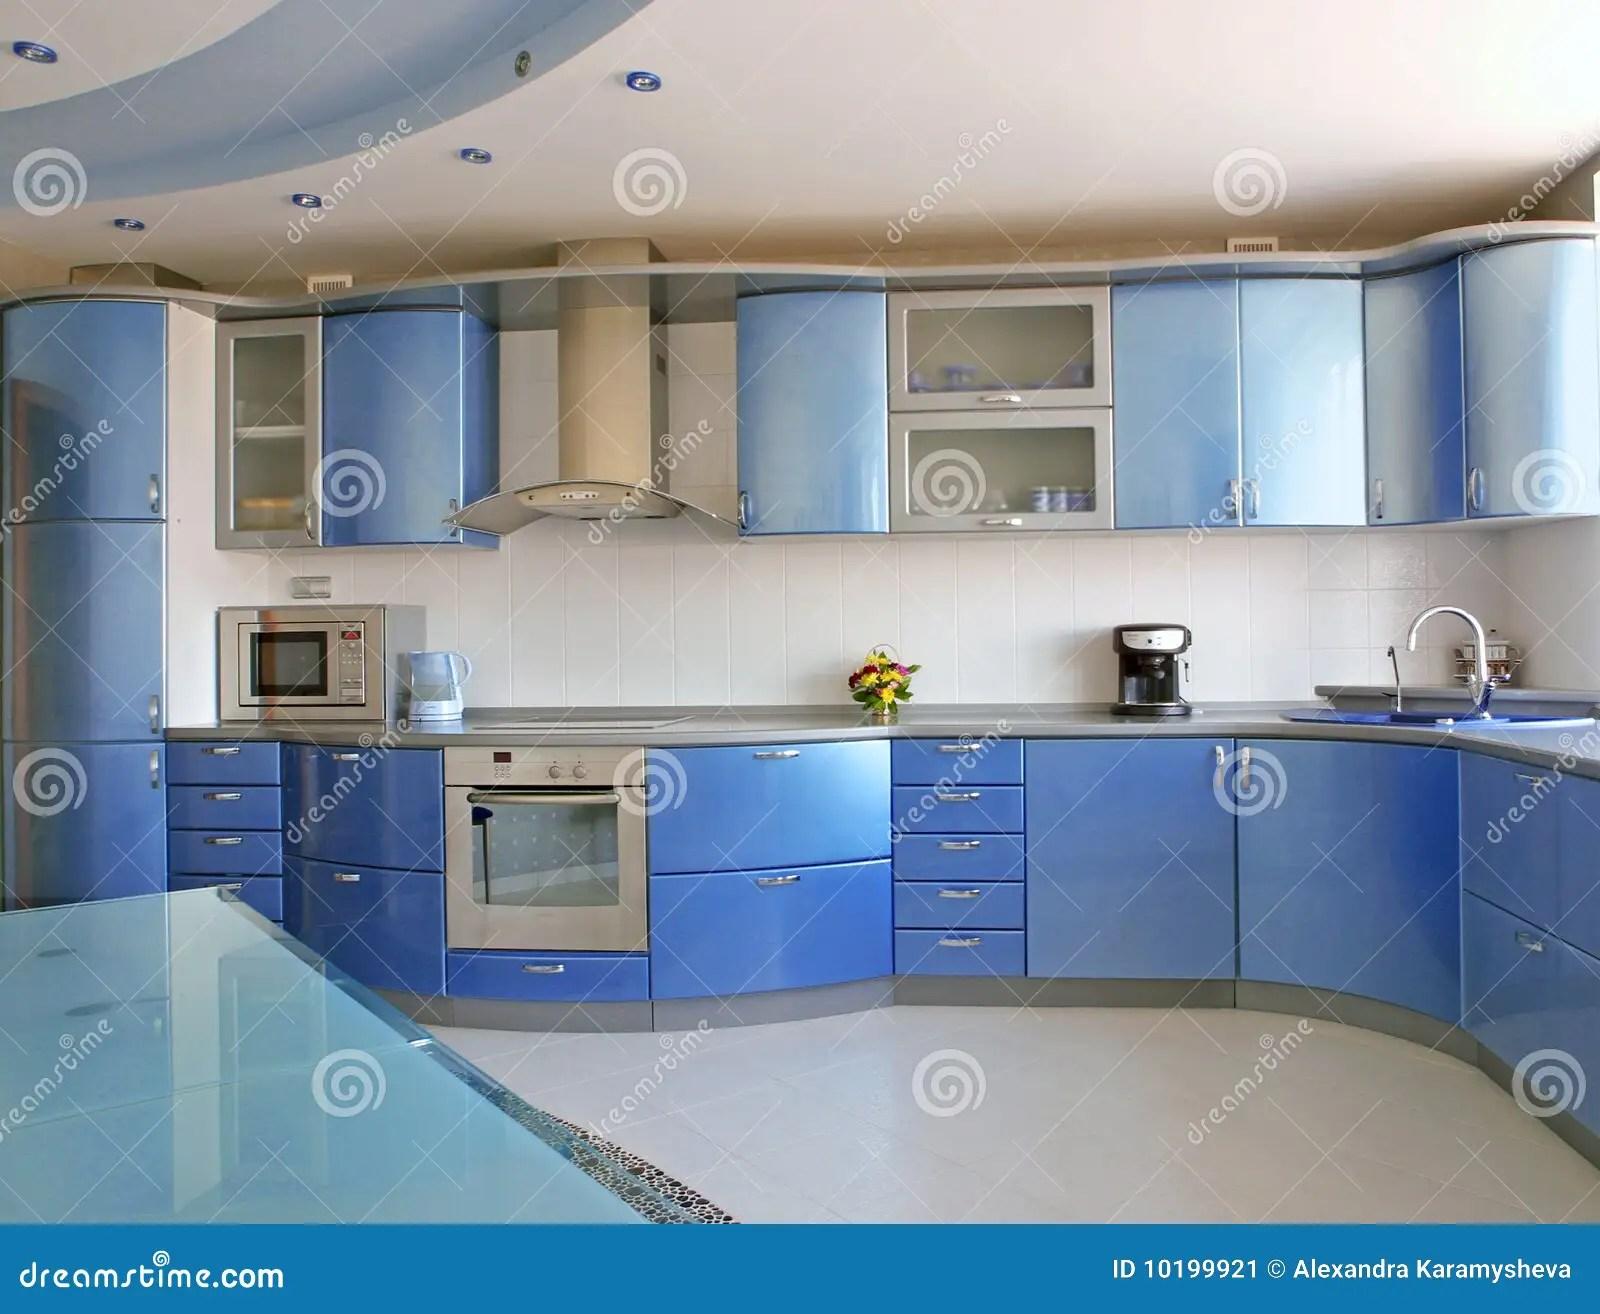 in stock kitchens small kitchen white cabinets 蓝色厨房库存图片 图片包括有庄园 把柄 蓝色 微波 厨师 现代 现代蓝色内部厨房的豪华